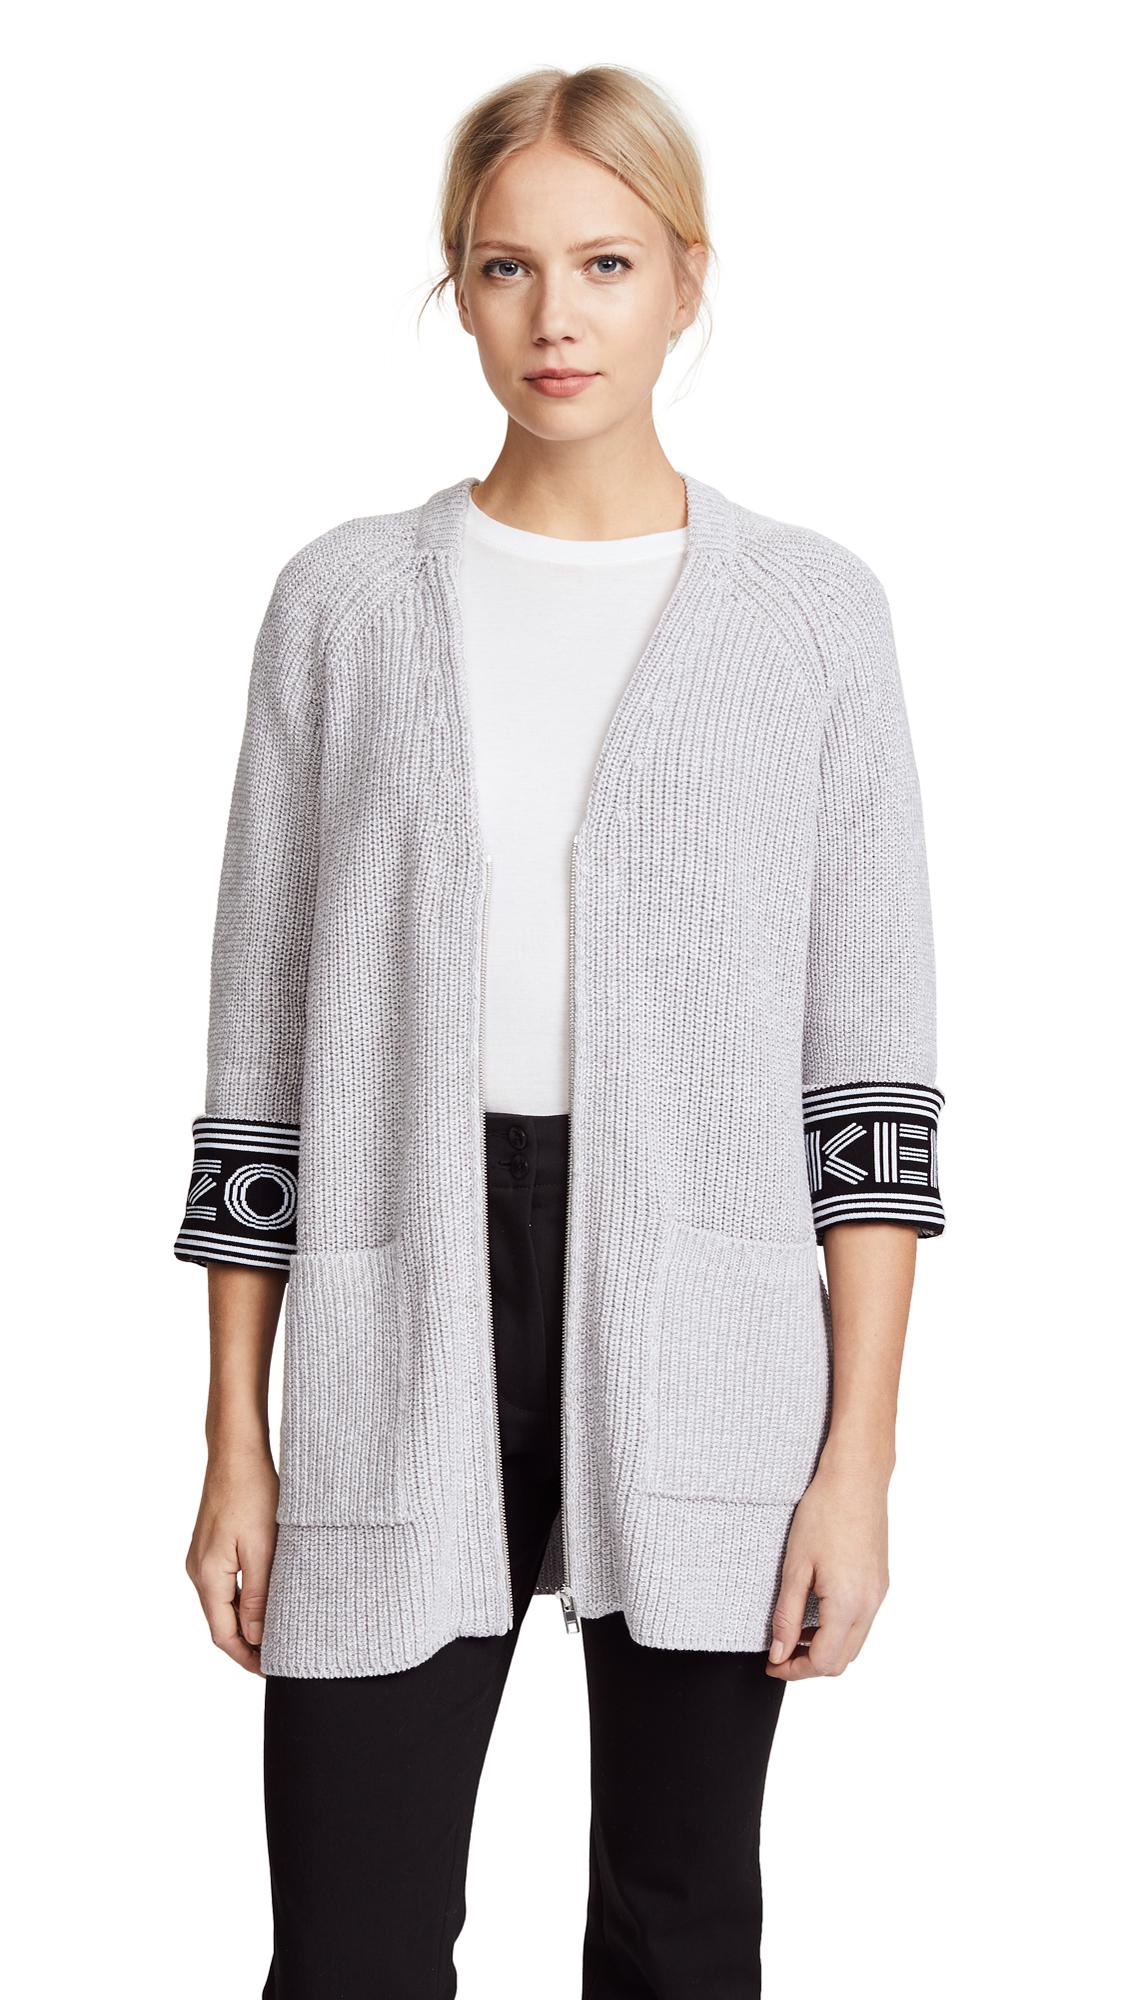 KENZO Kenzo Sport Cardigan - Pale Grey